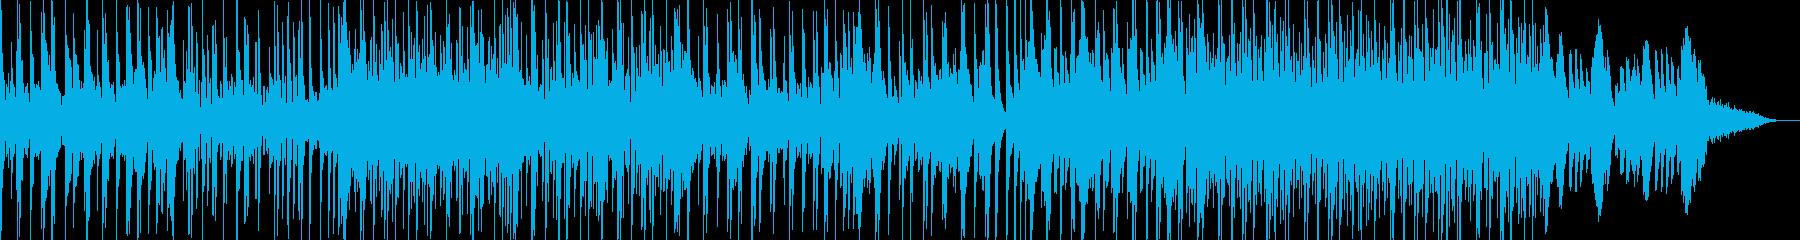 カワイイ系_エレクトリックポップ01の再生済みの波形